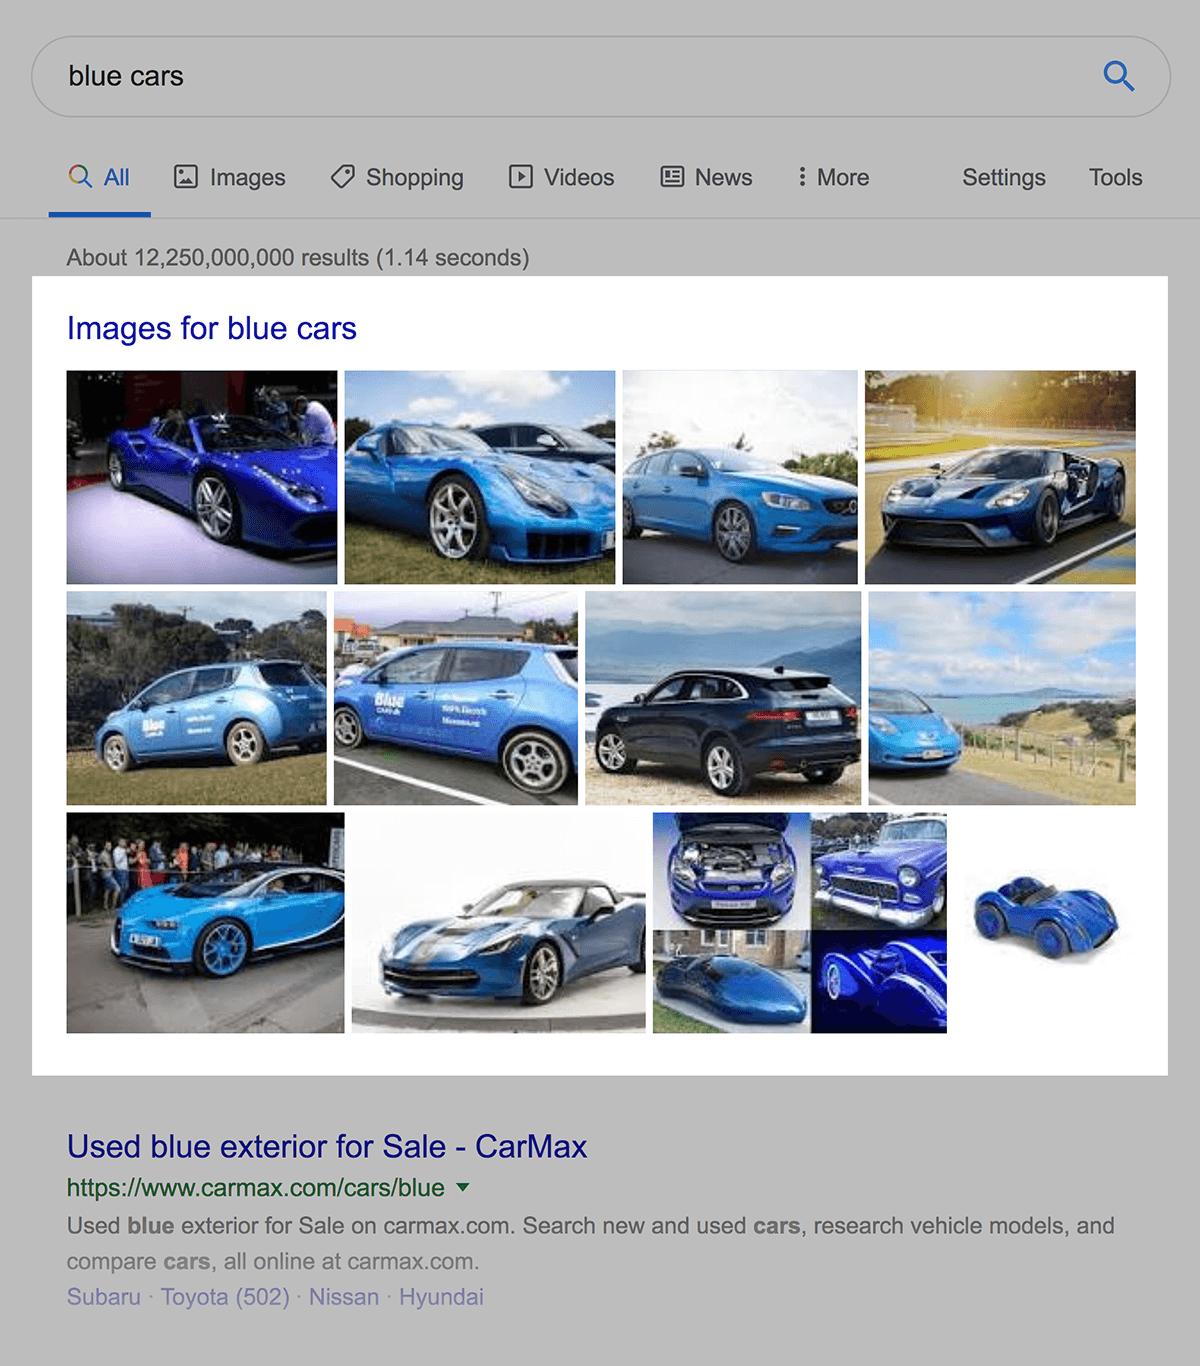 google images result for blue cars - 什么是SERP?